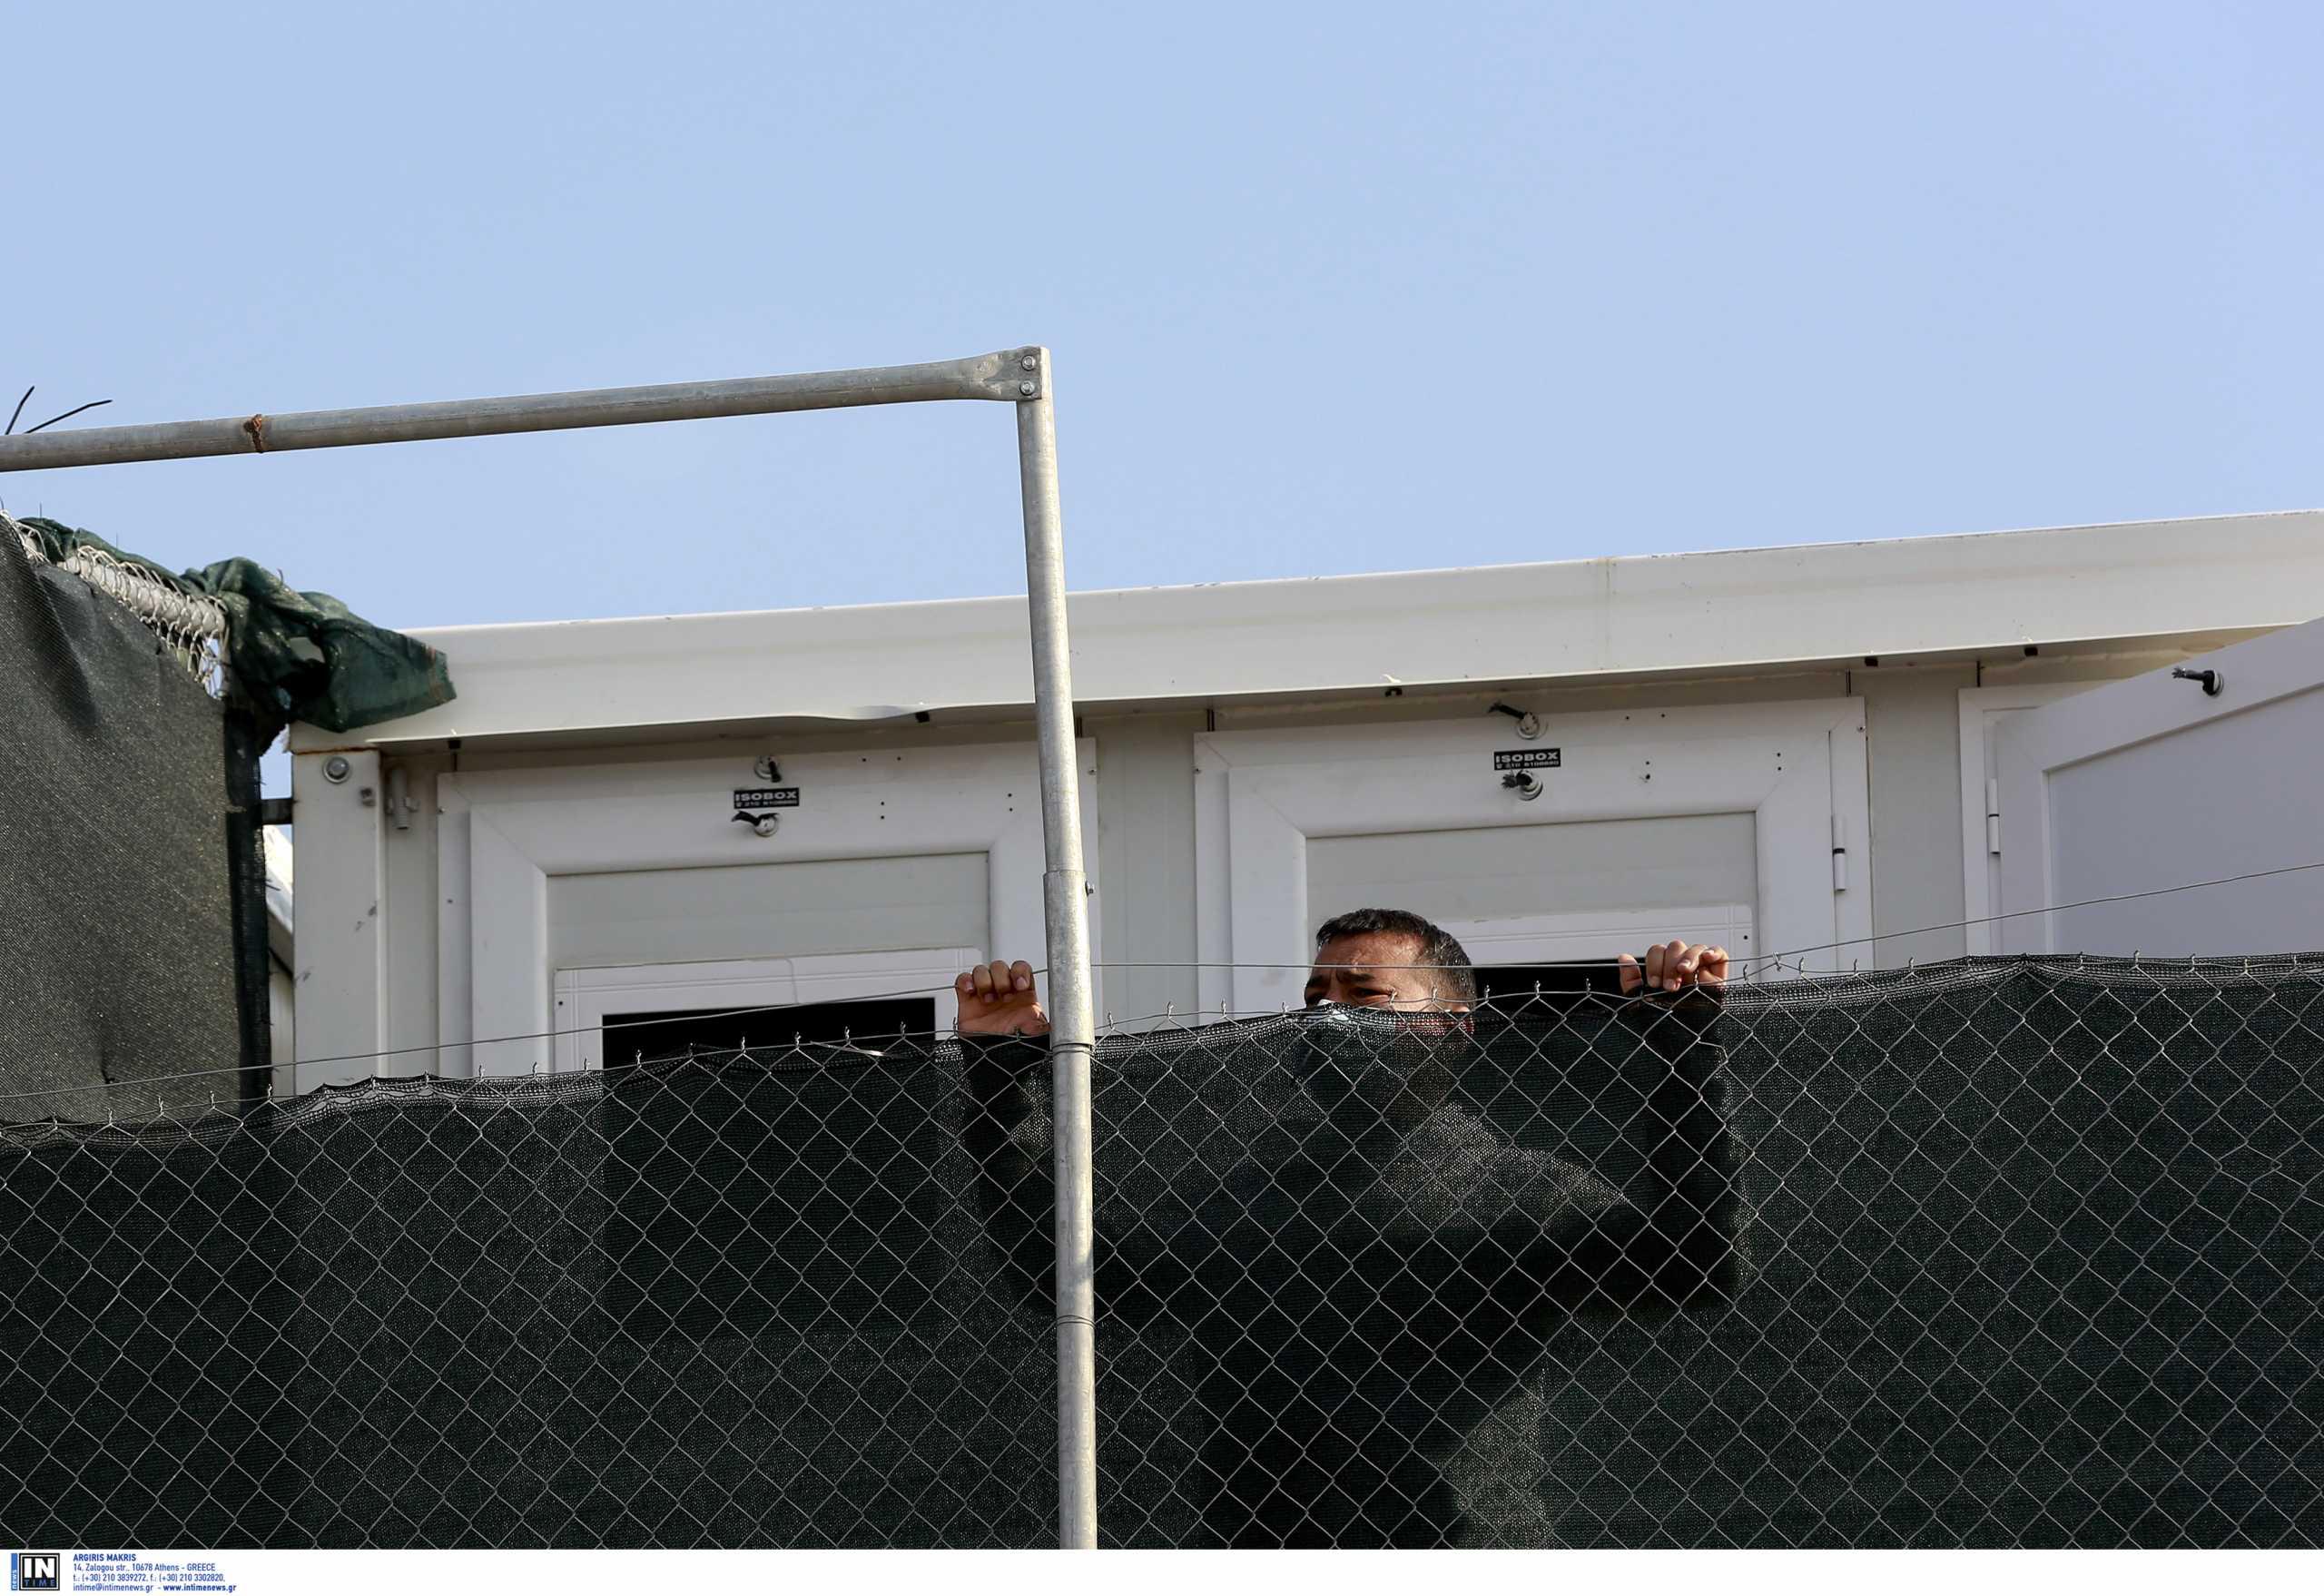 ΓΕΕΘΑ: Καταργήθηκαν εννέα δομές φιλοξενίας προσφύγων – μεταναστών